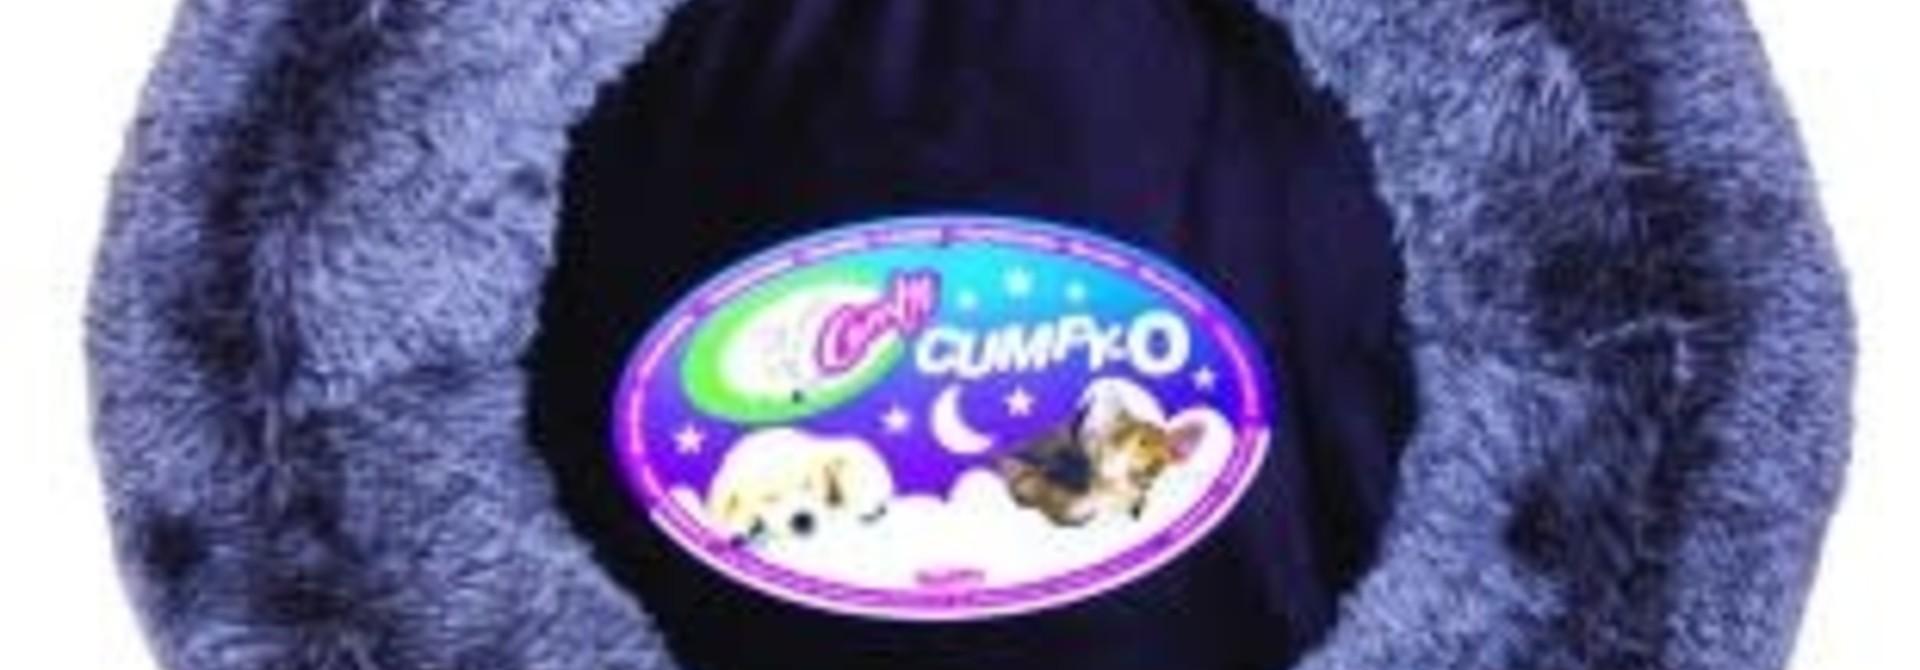 CUMFY-O's Ultra Soft Pet Bed - 17in